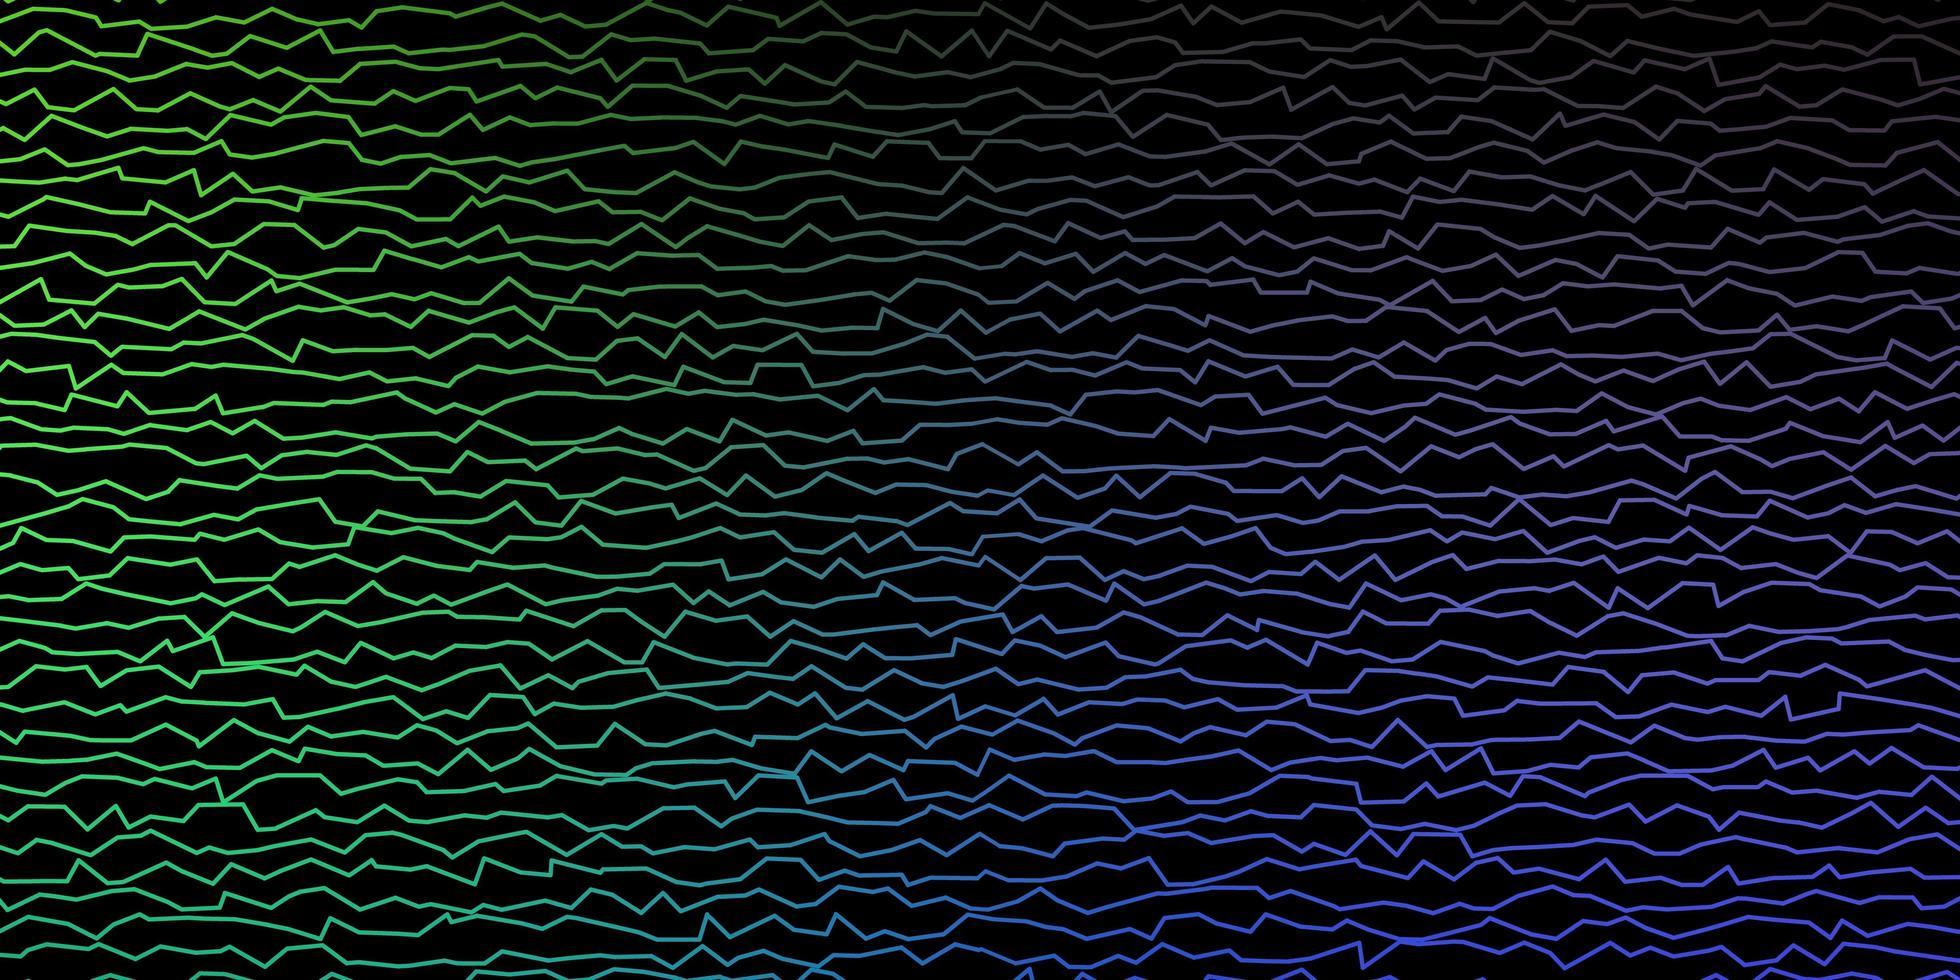 dunkelblauer, grüner Vektorhintergrund mit Bögen. vektor